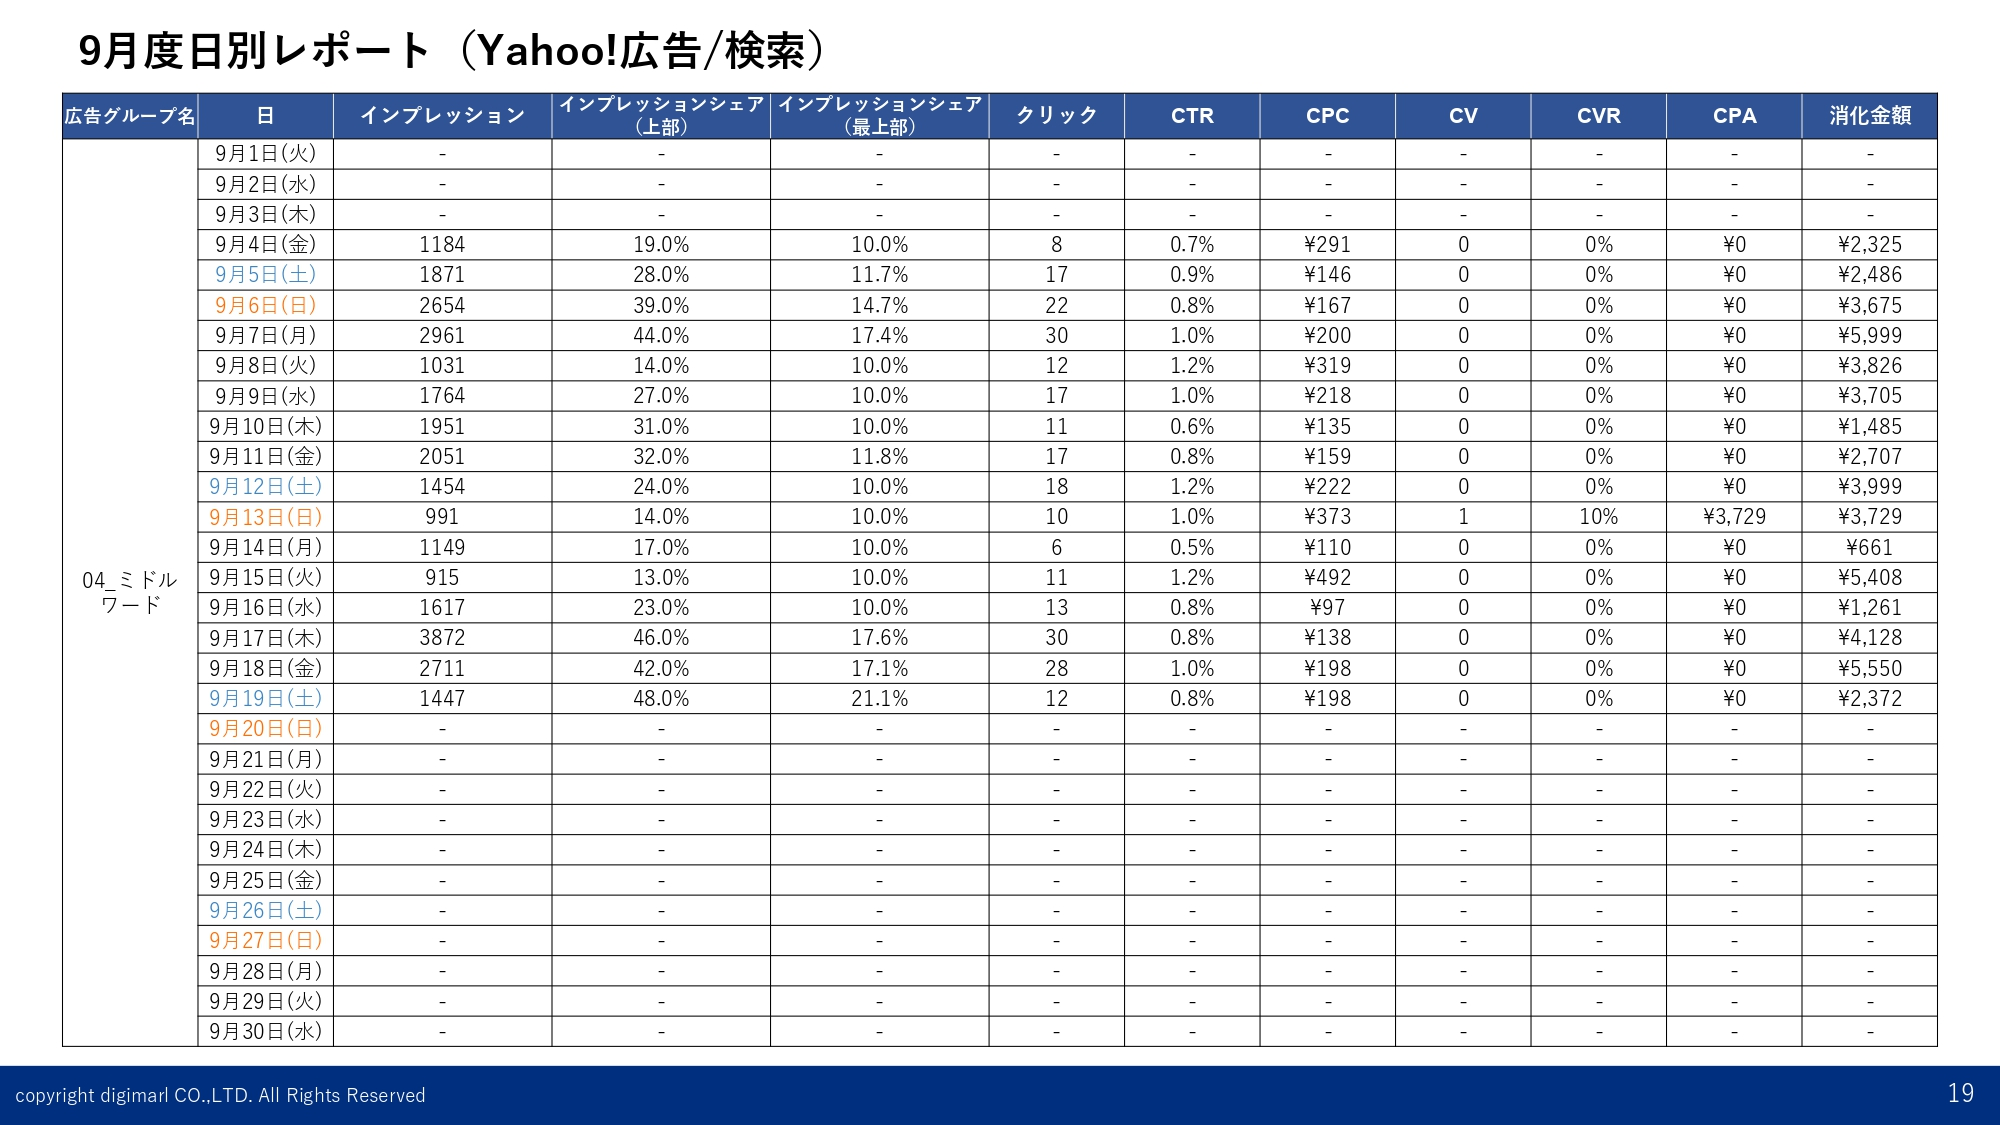 日別レポート-Yahoo!-ミドル